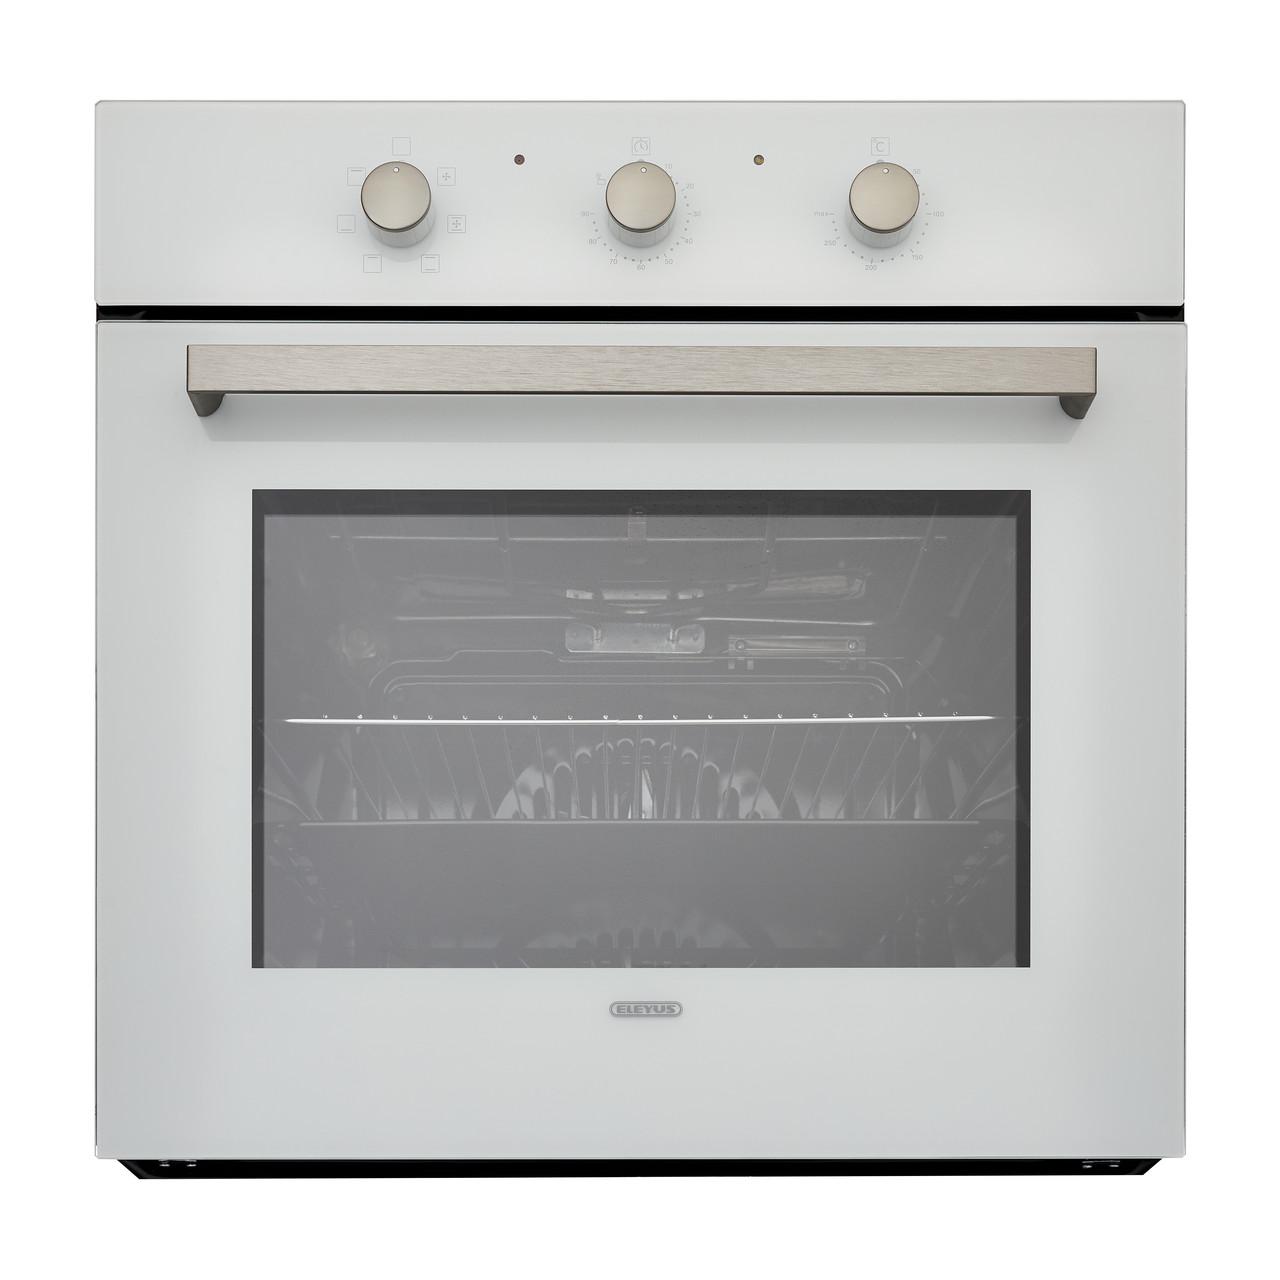 Духова шафа електрична ELEYUS LEONA 6006 WH (білий)